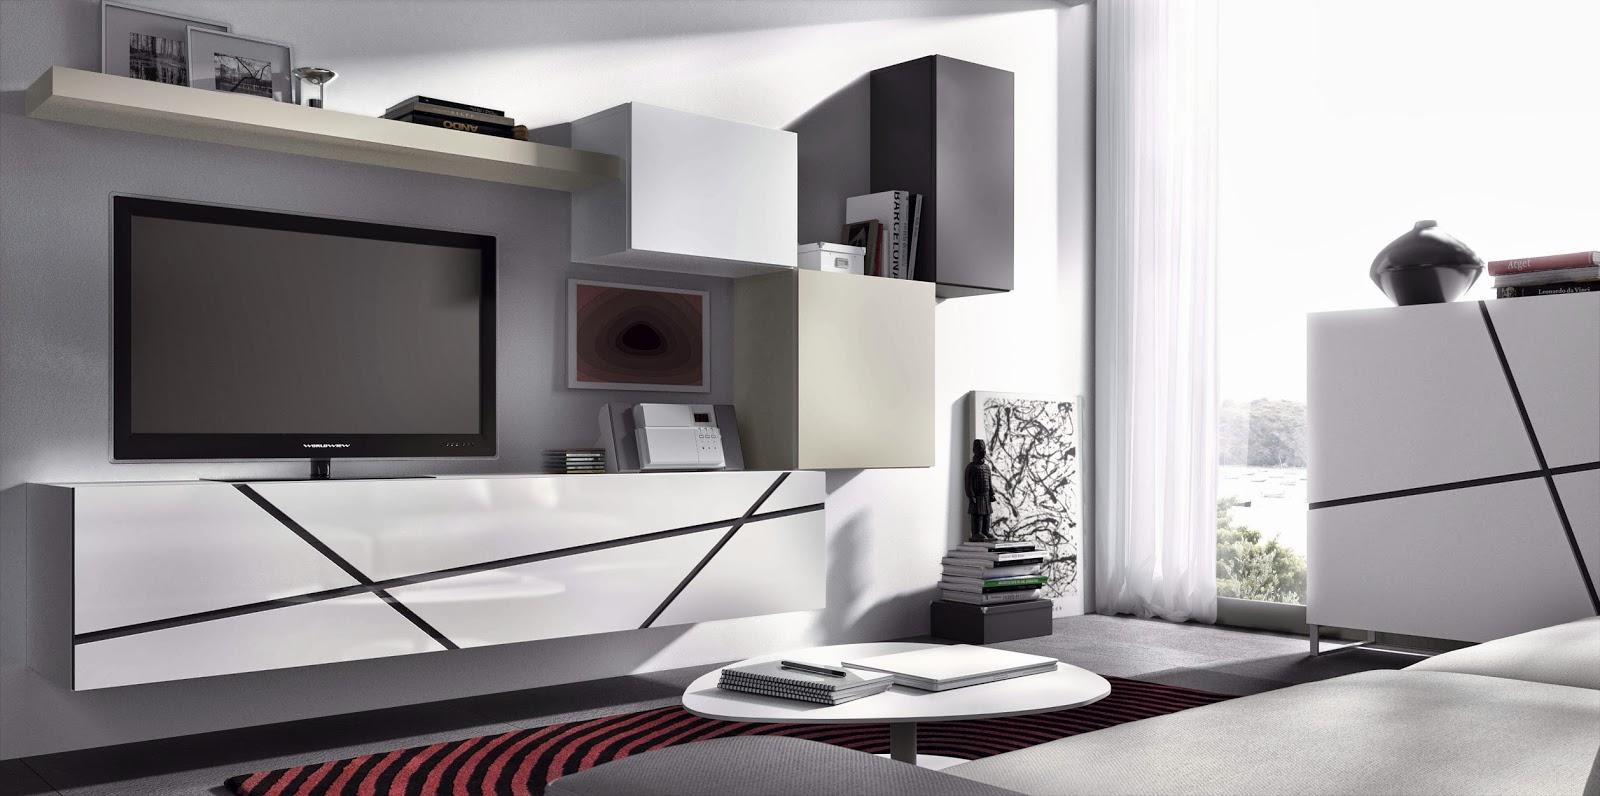 Informaci n de mobiliario opini n de producto colecci n for Mueble comedor minimalista